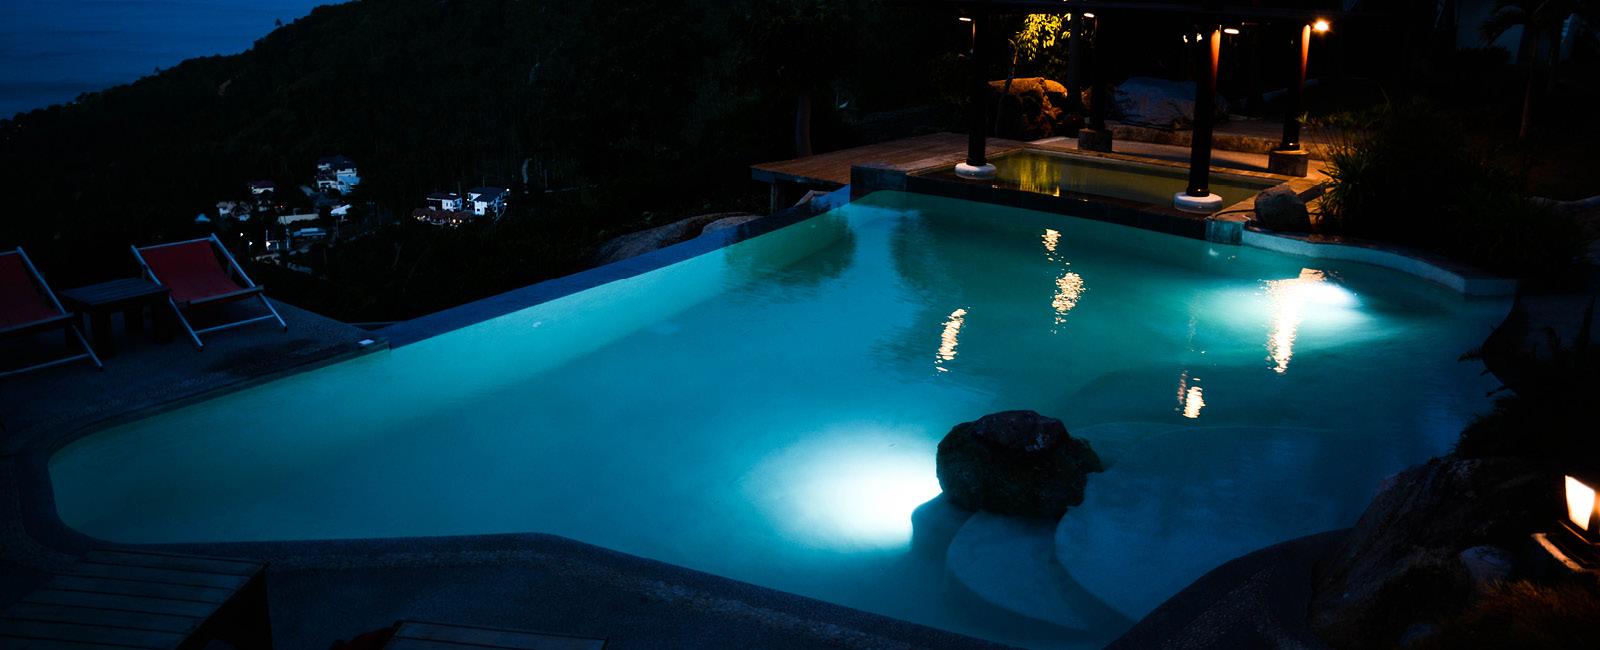 Paradise Pool Interiors Sliders 15